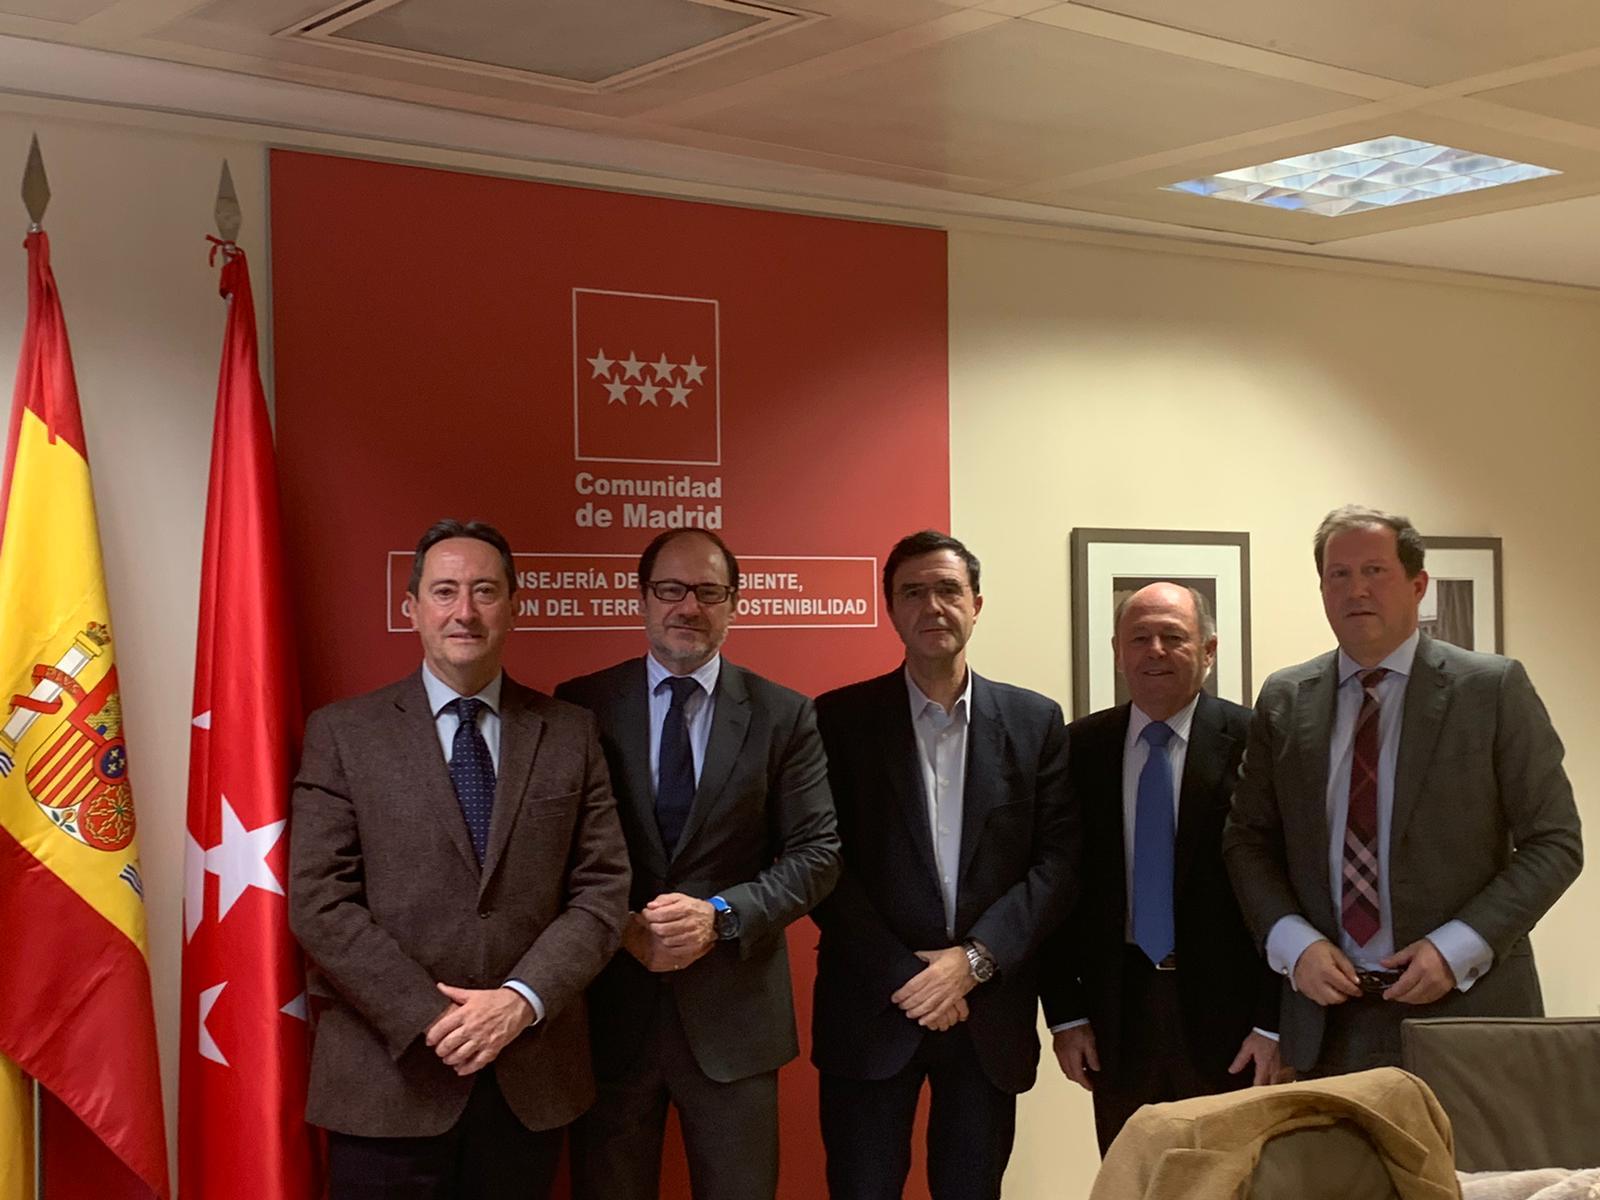 La AFA de Madrid se reúne con el viceconsejero de medio ambiente y tres directores generales